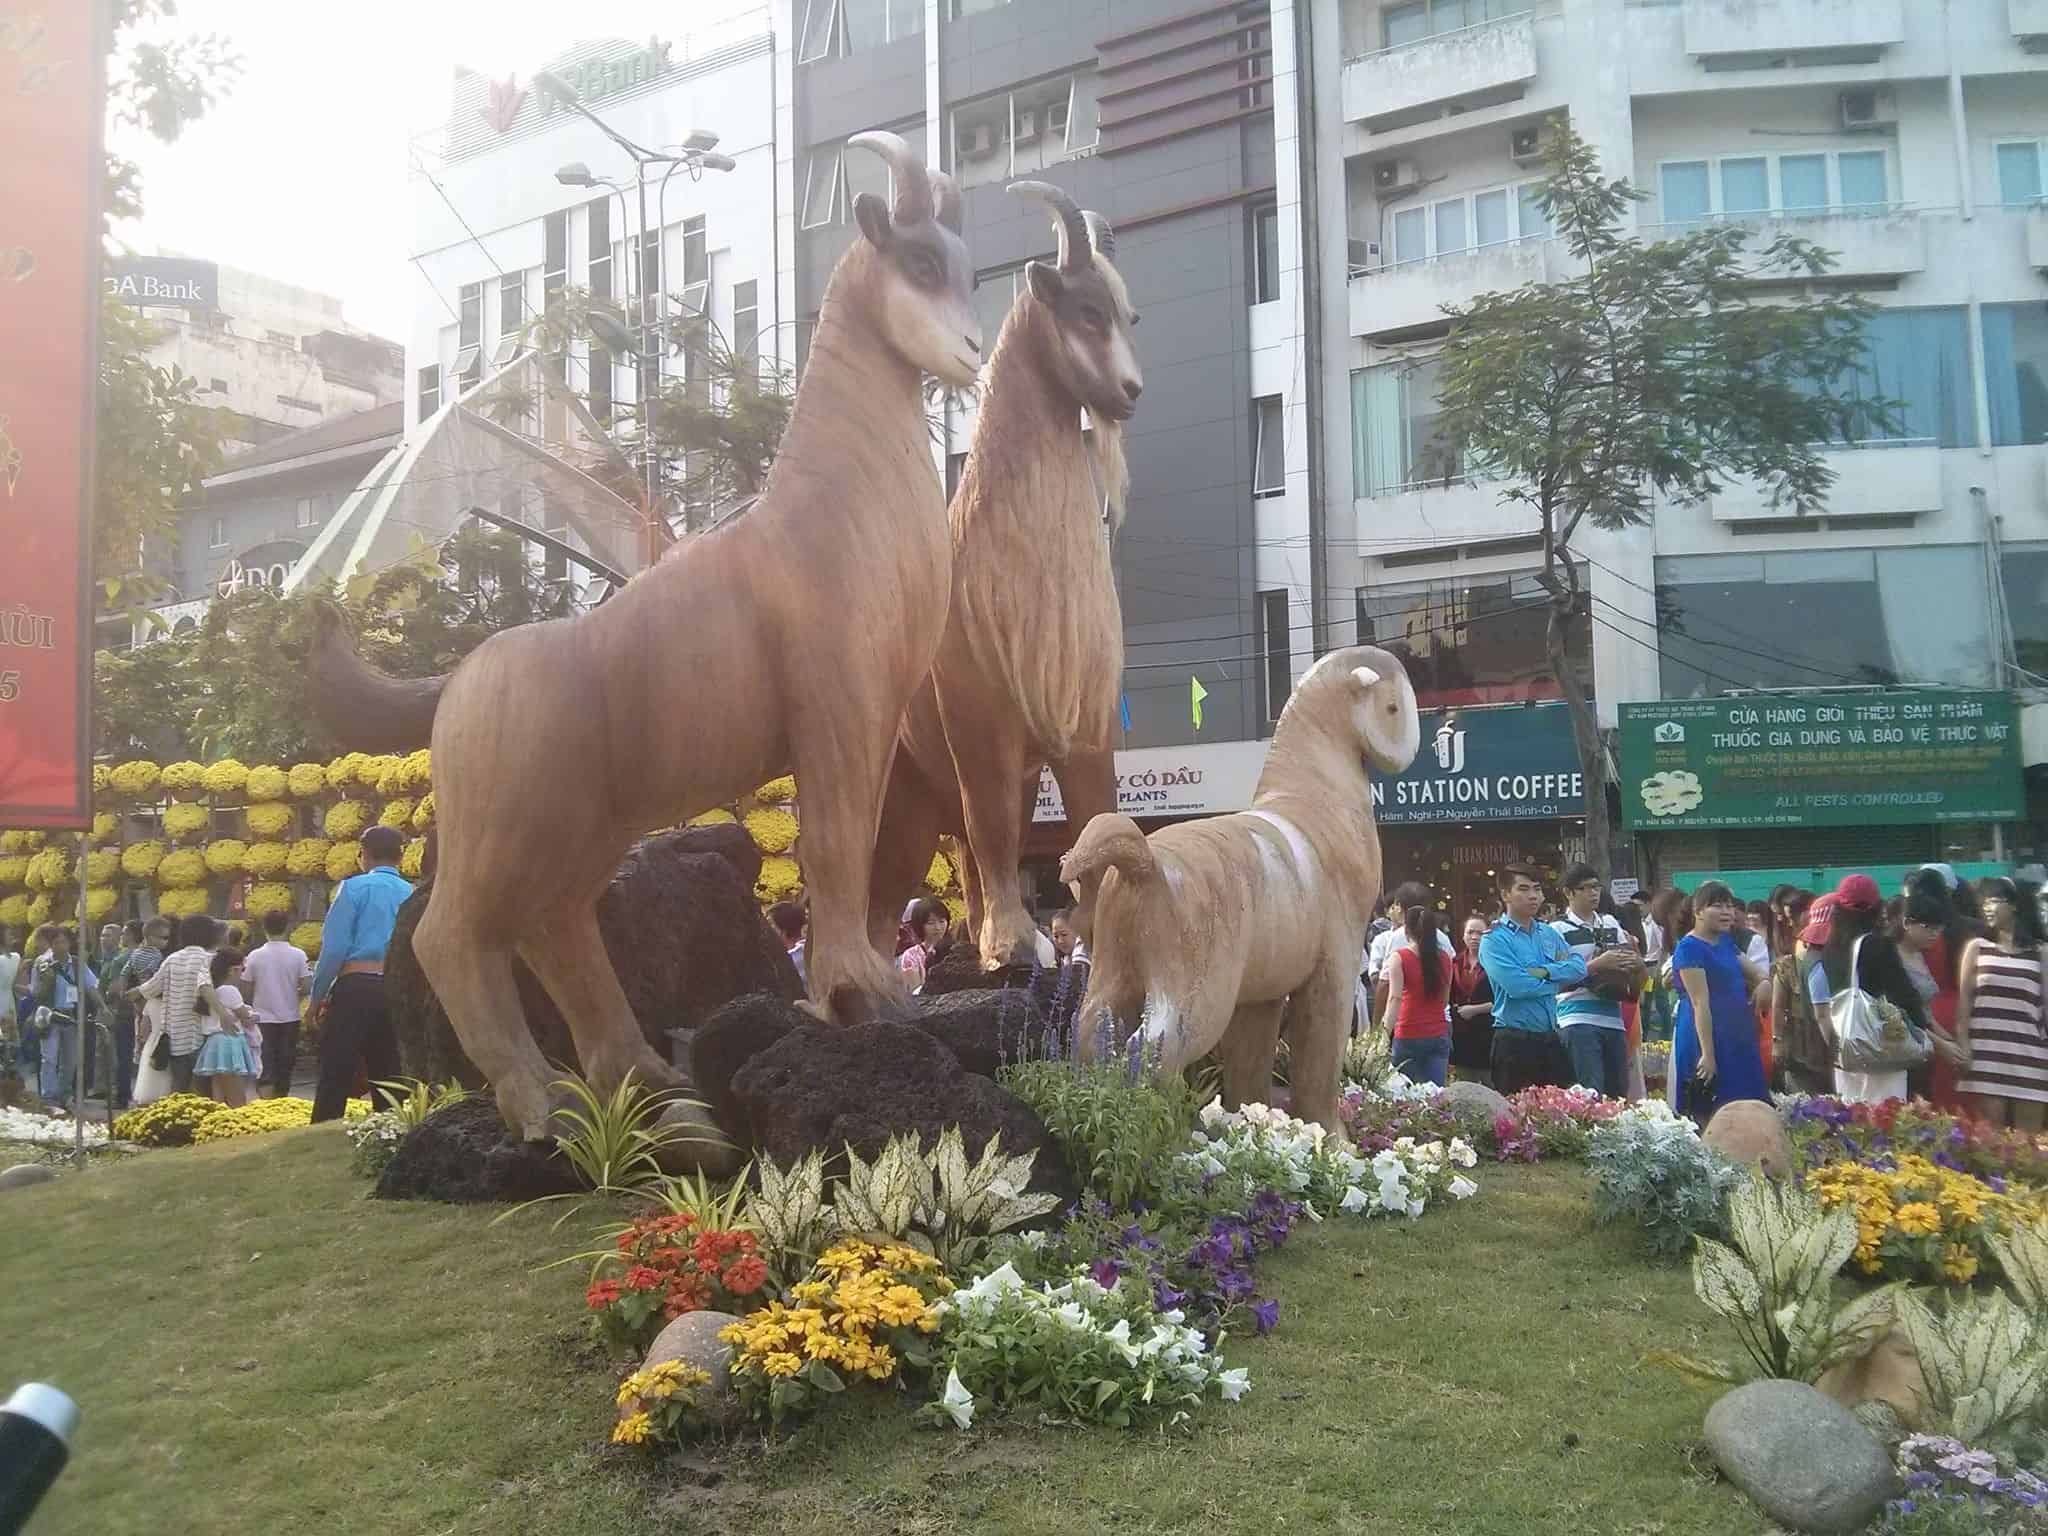 6 - Đường hoa Nguyễn Huệ tại Sài Gòn - TPHCM ở đâu, năm nay có gì mới?